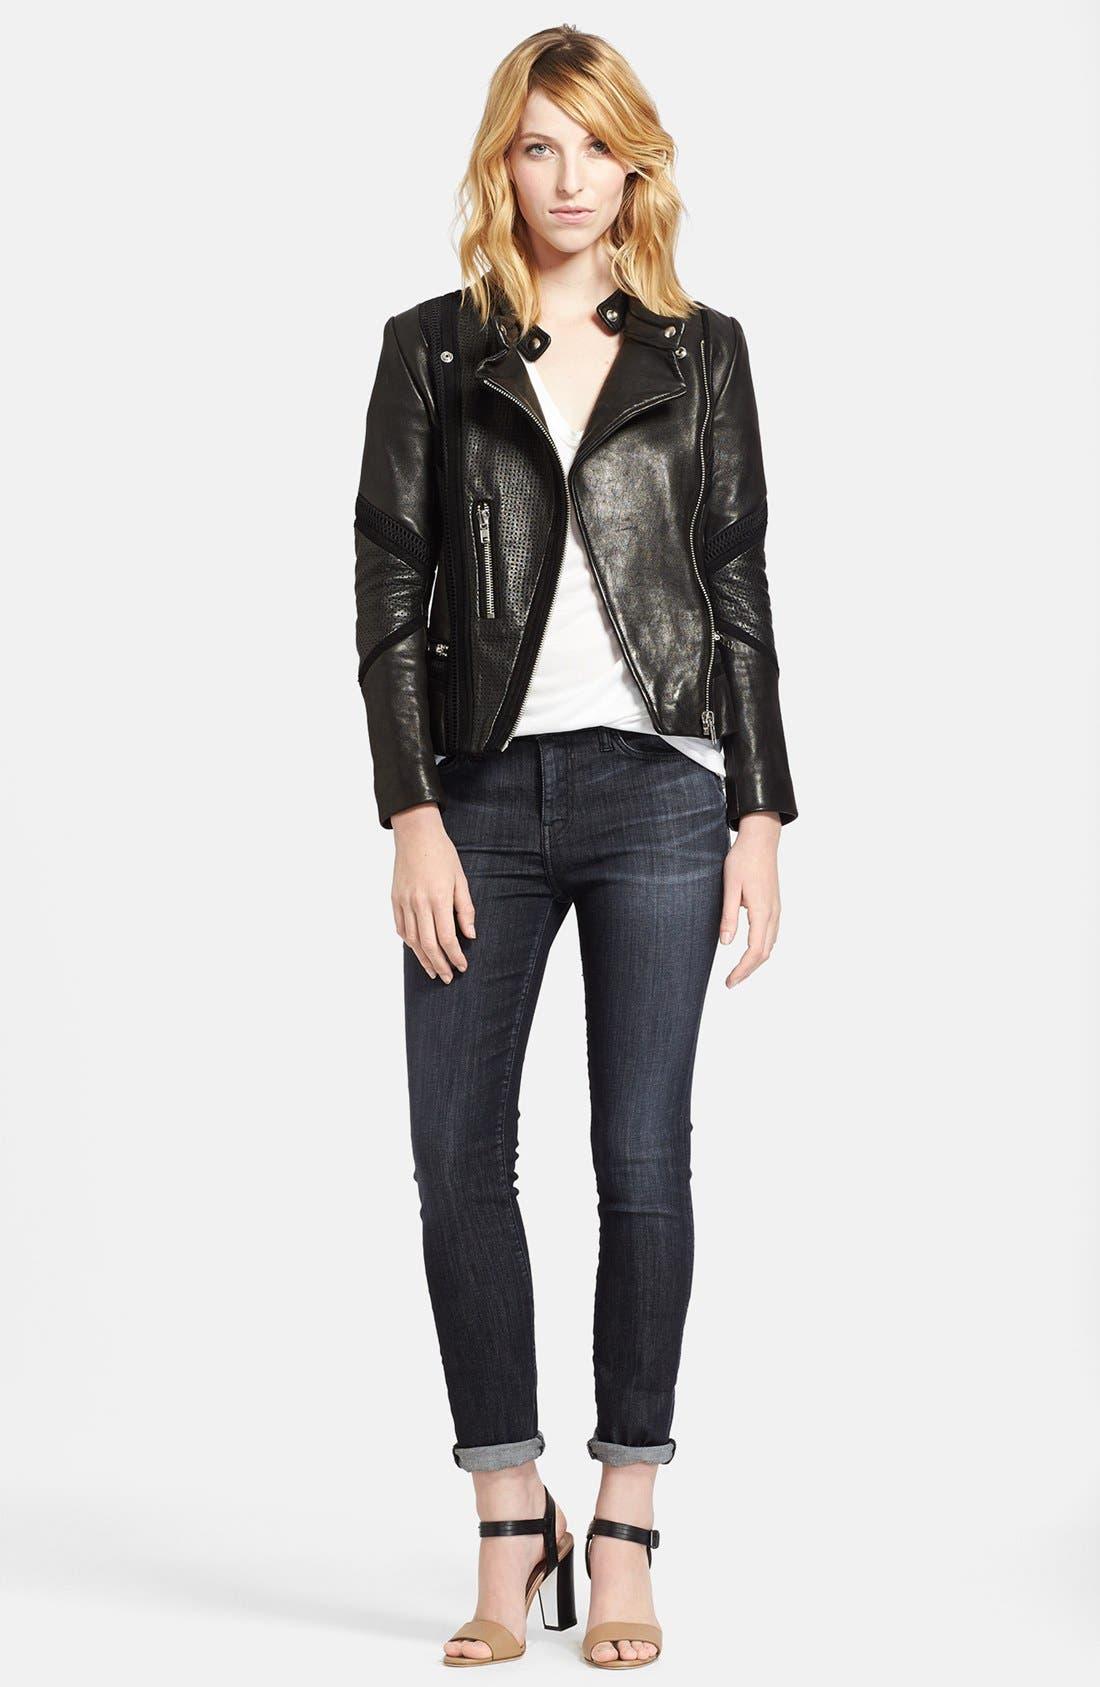 Main Image - IRO Leather Jacket, The Kooples Tee & Current/Elliott Skinny Jeans